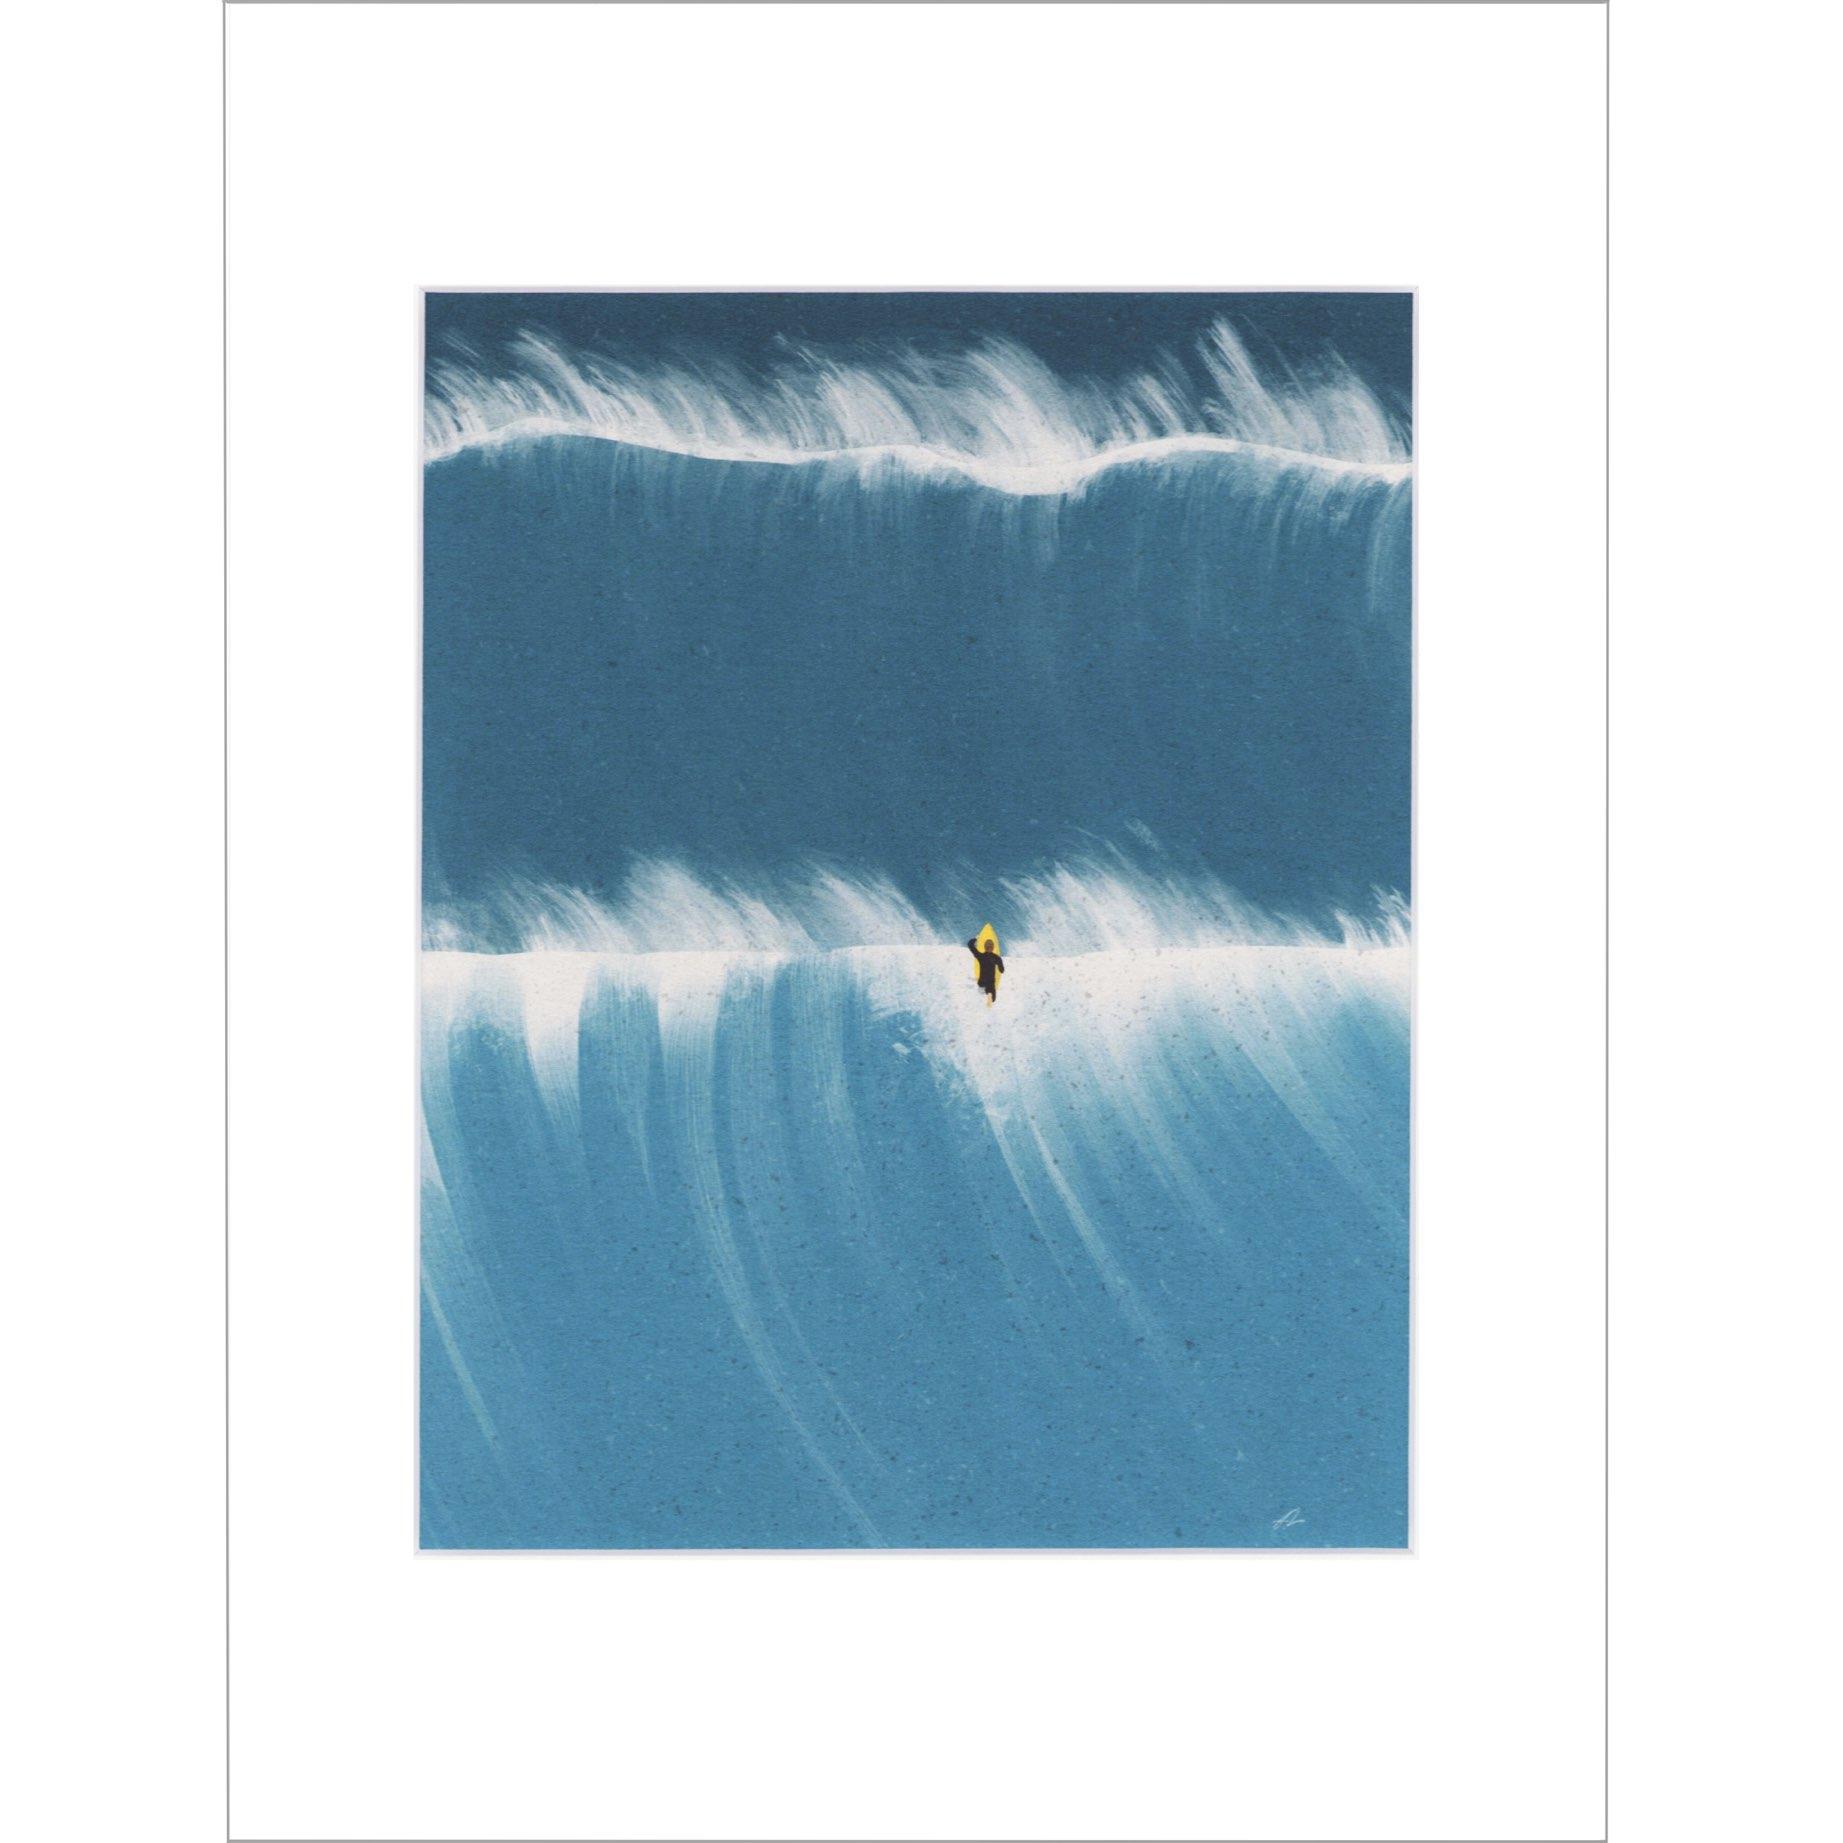 2nd Wave / 長 / matt / M